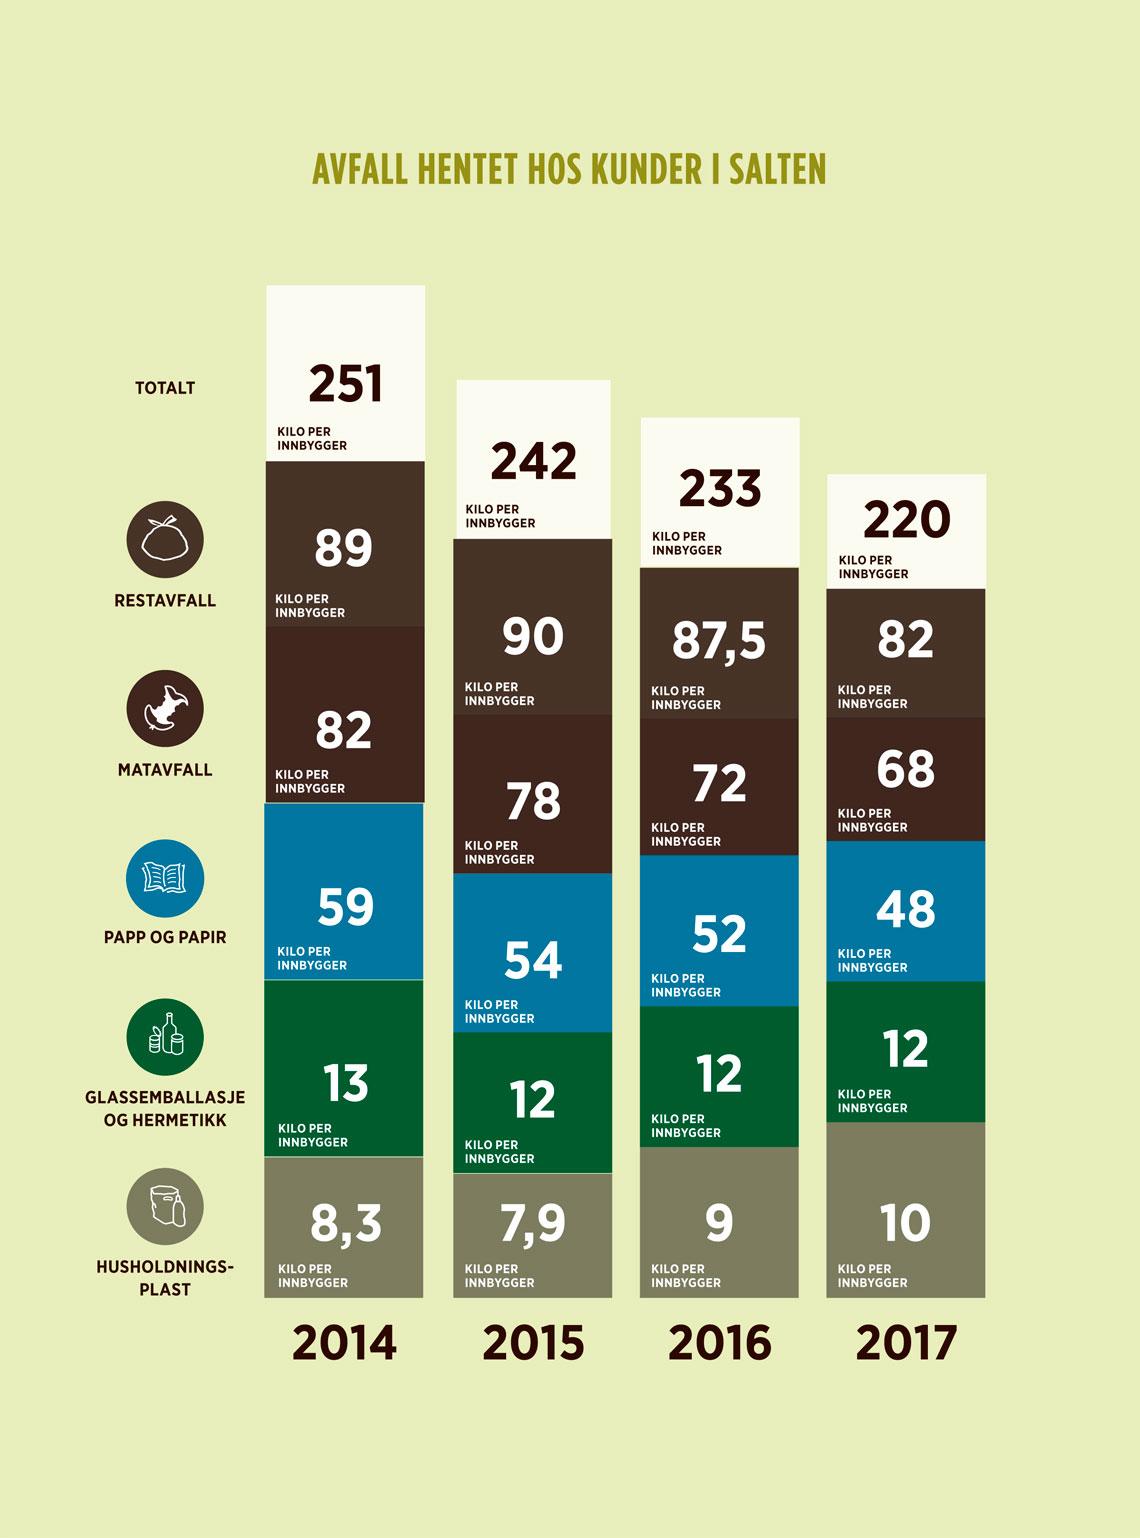 Tabell som viser avfallsmengdene